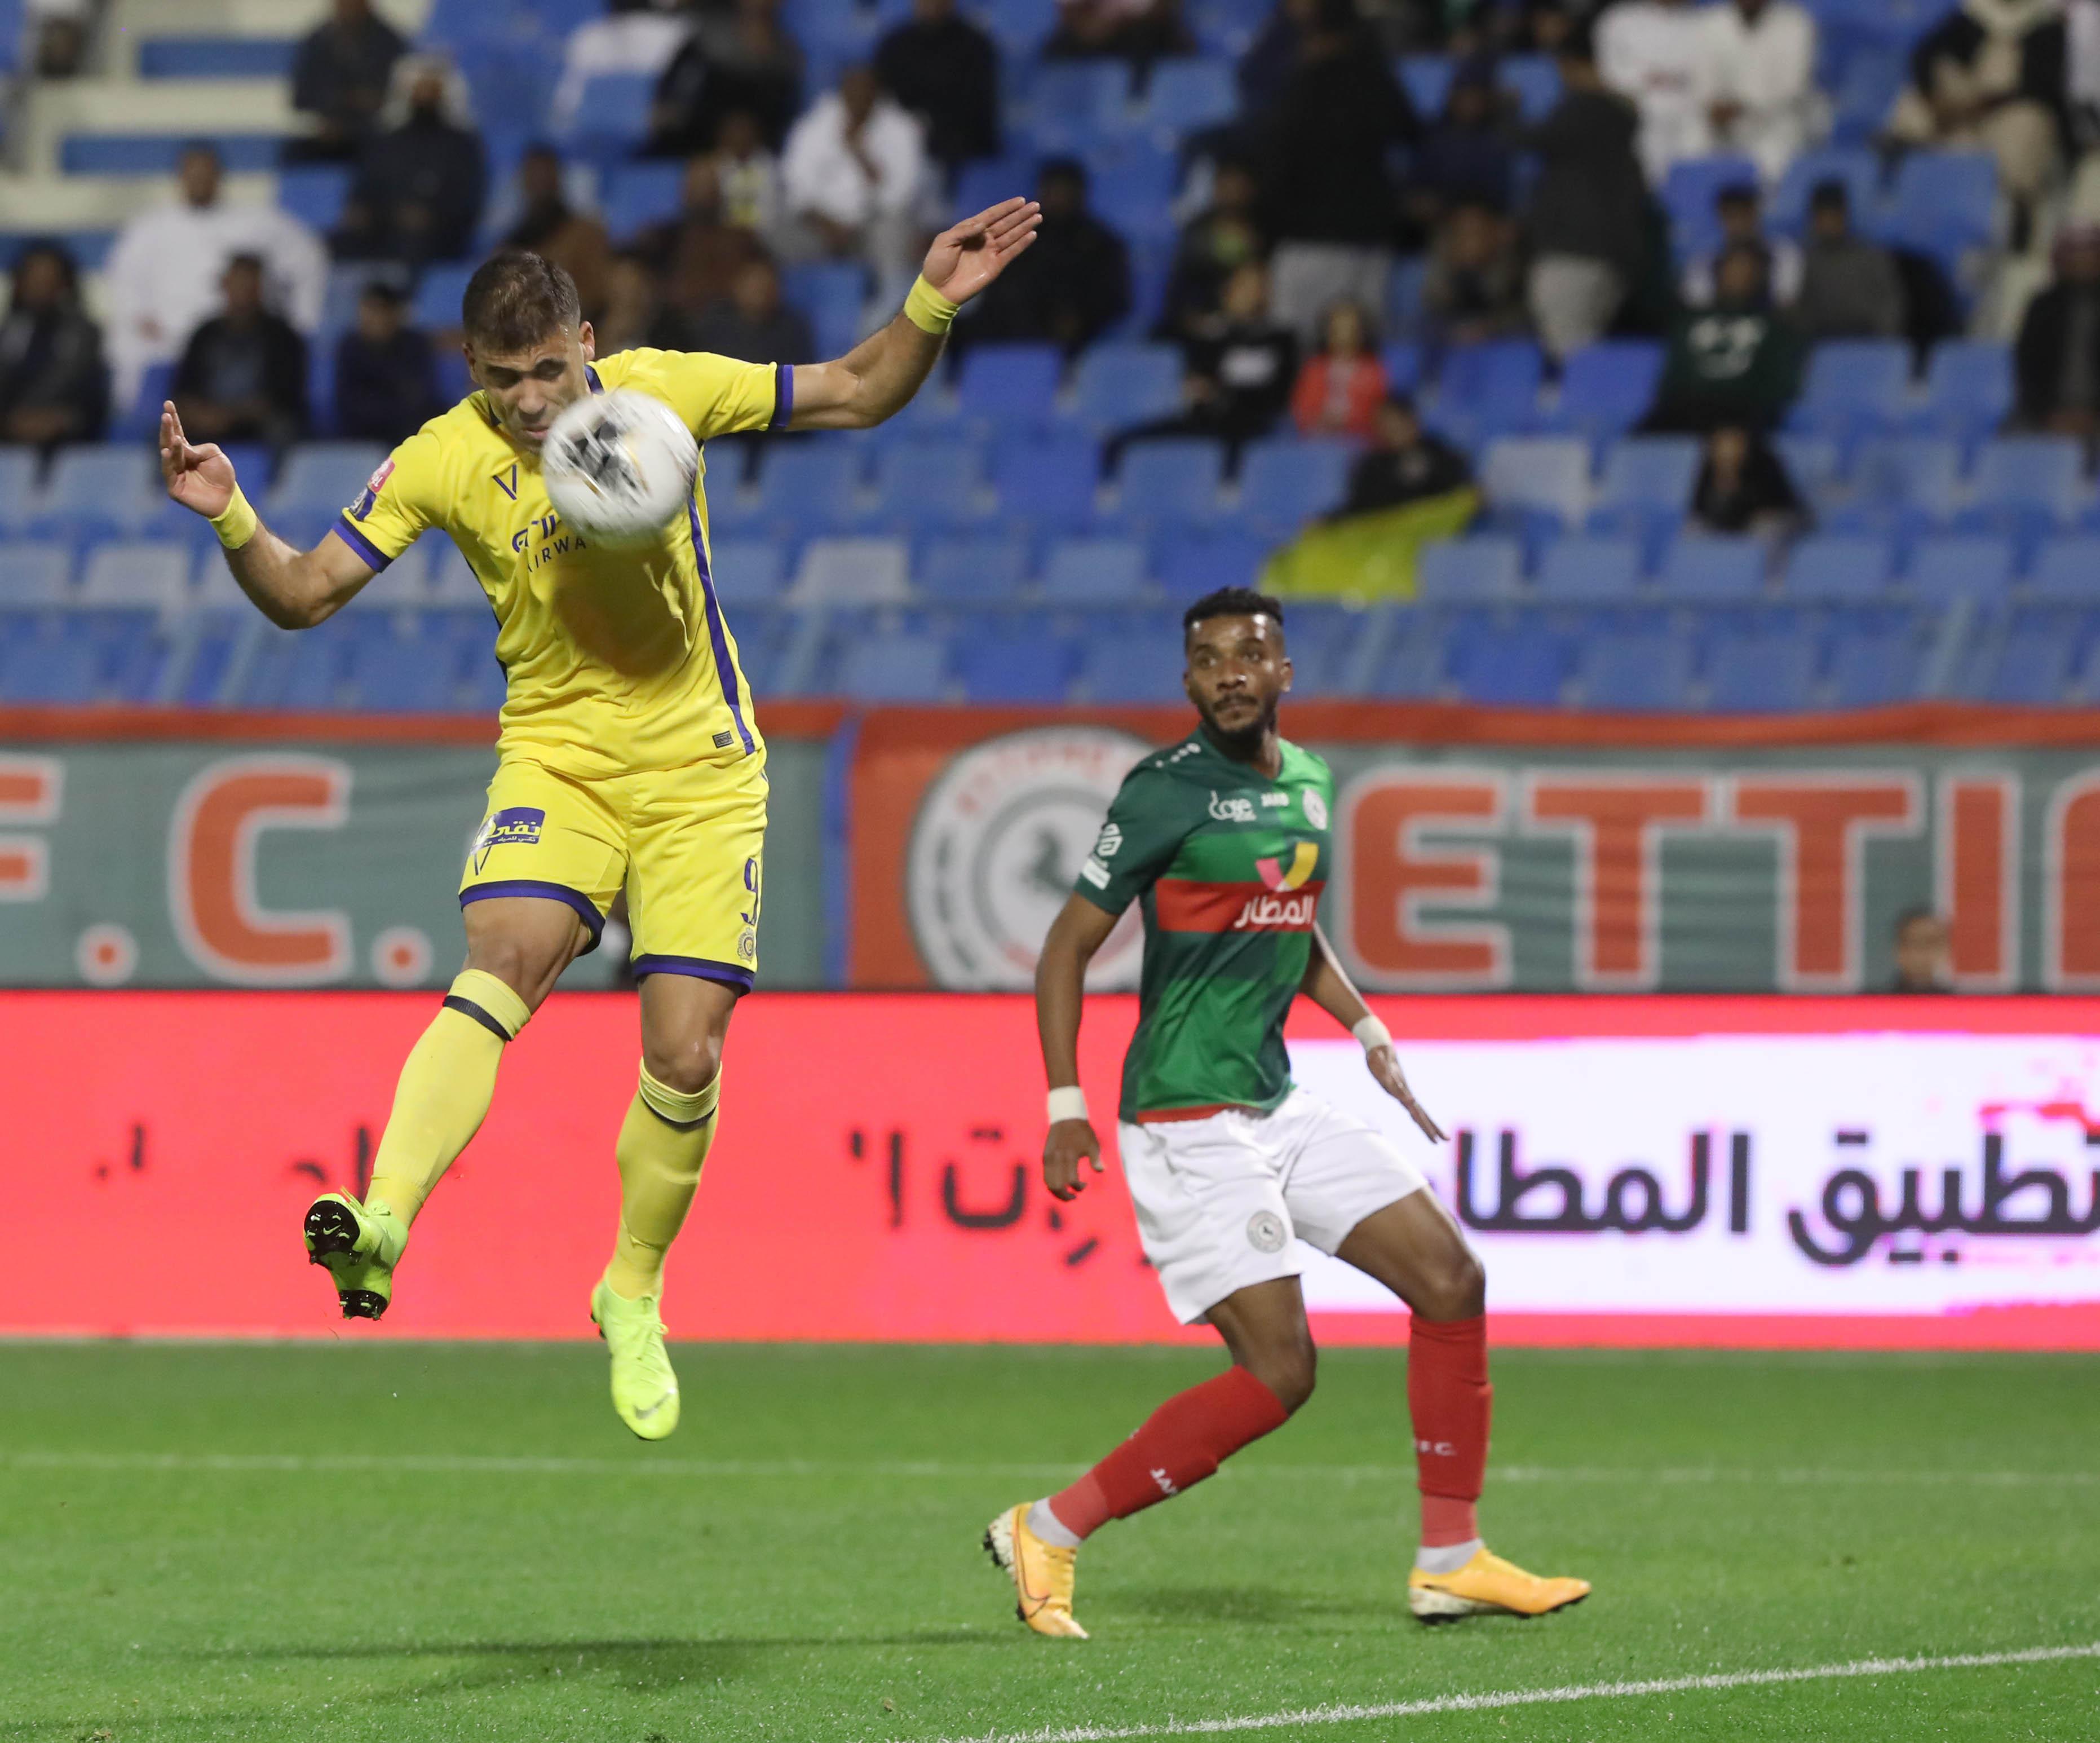 حمد الله يقود النصر إلى تصدر الدوري السعودي